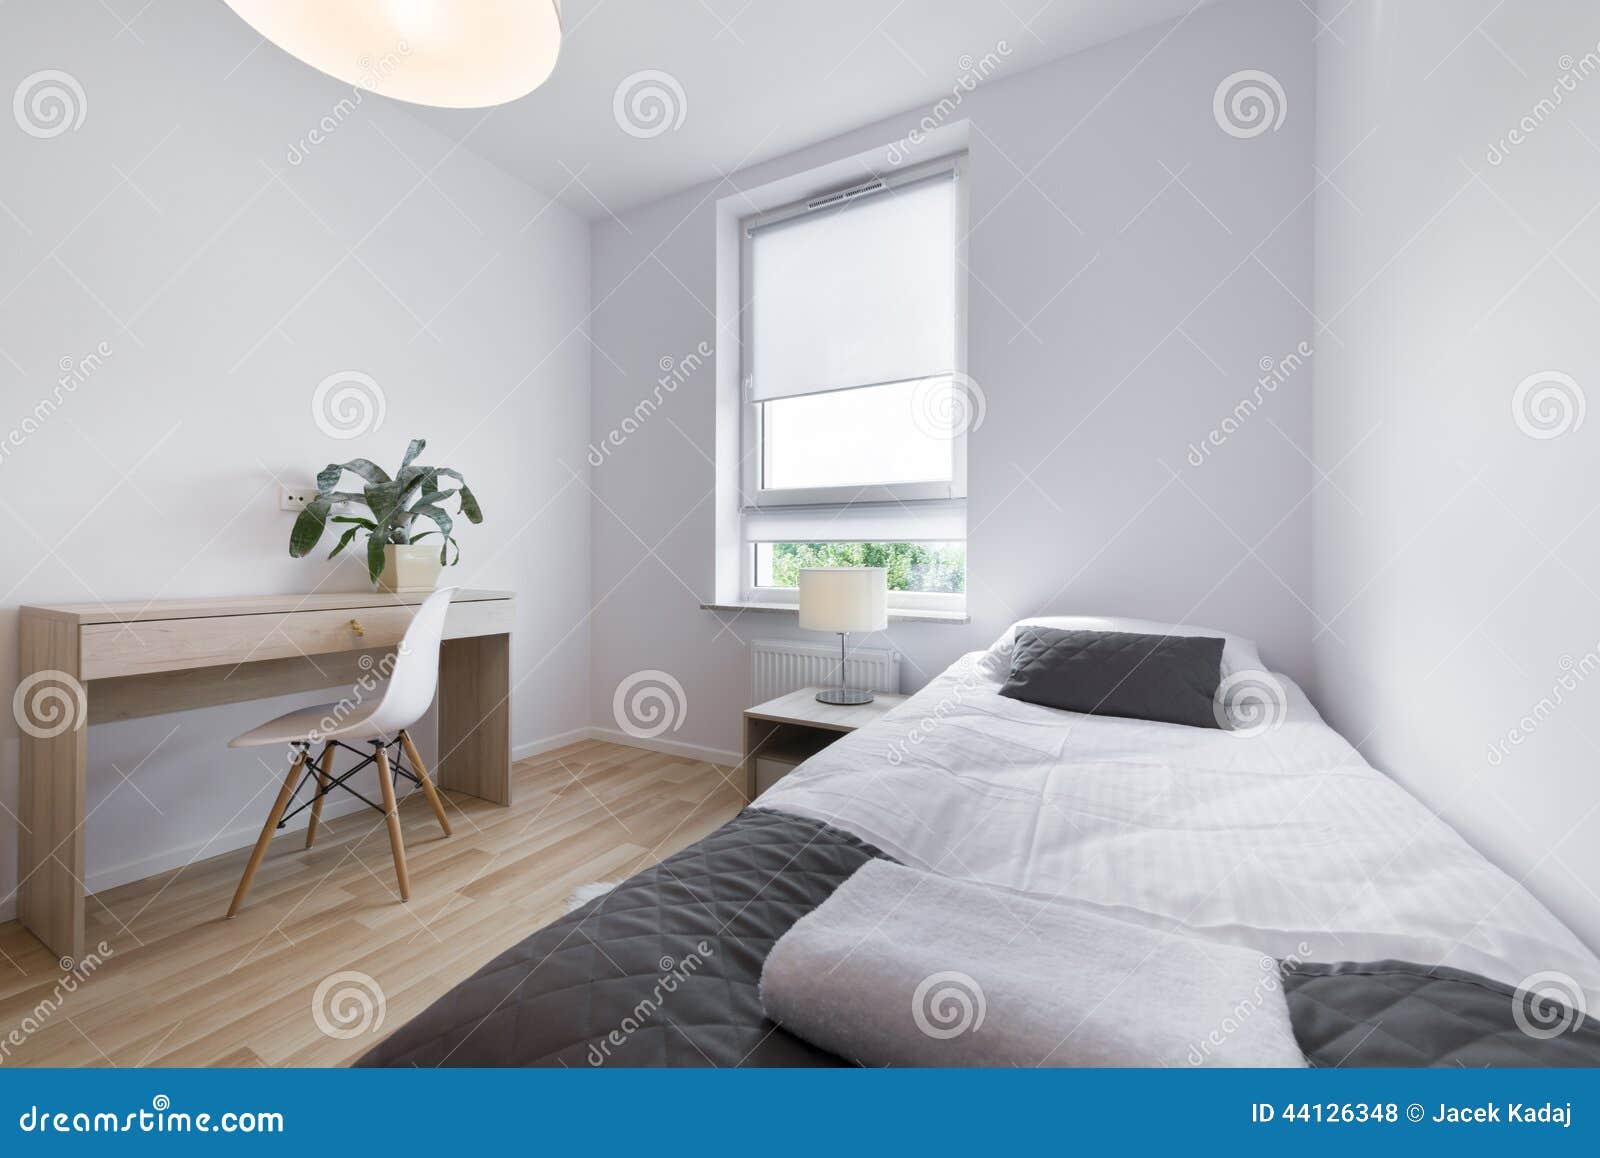 Het kleine moderne binnenlandse ontwerp van de for Small bedroom ideas 10x10